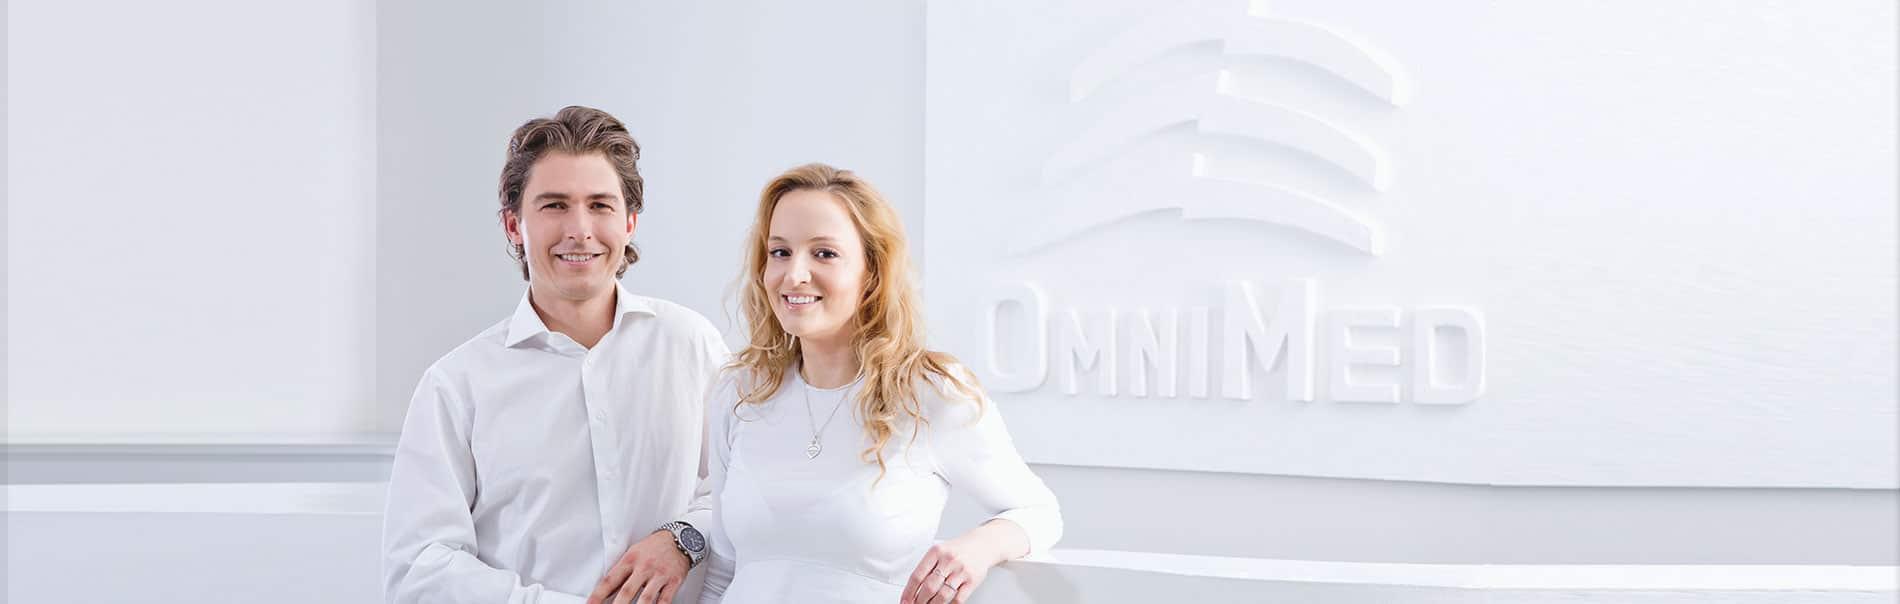 OmniMed - Dr. Stefan Horwath und Dr. Martina Reichhart